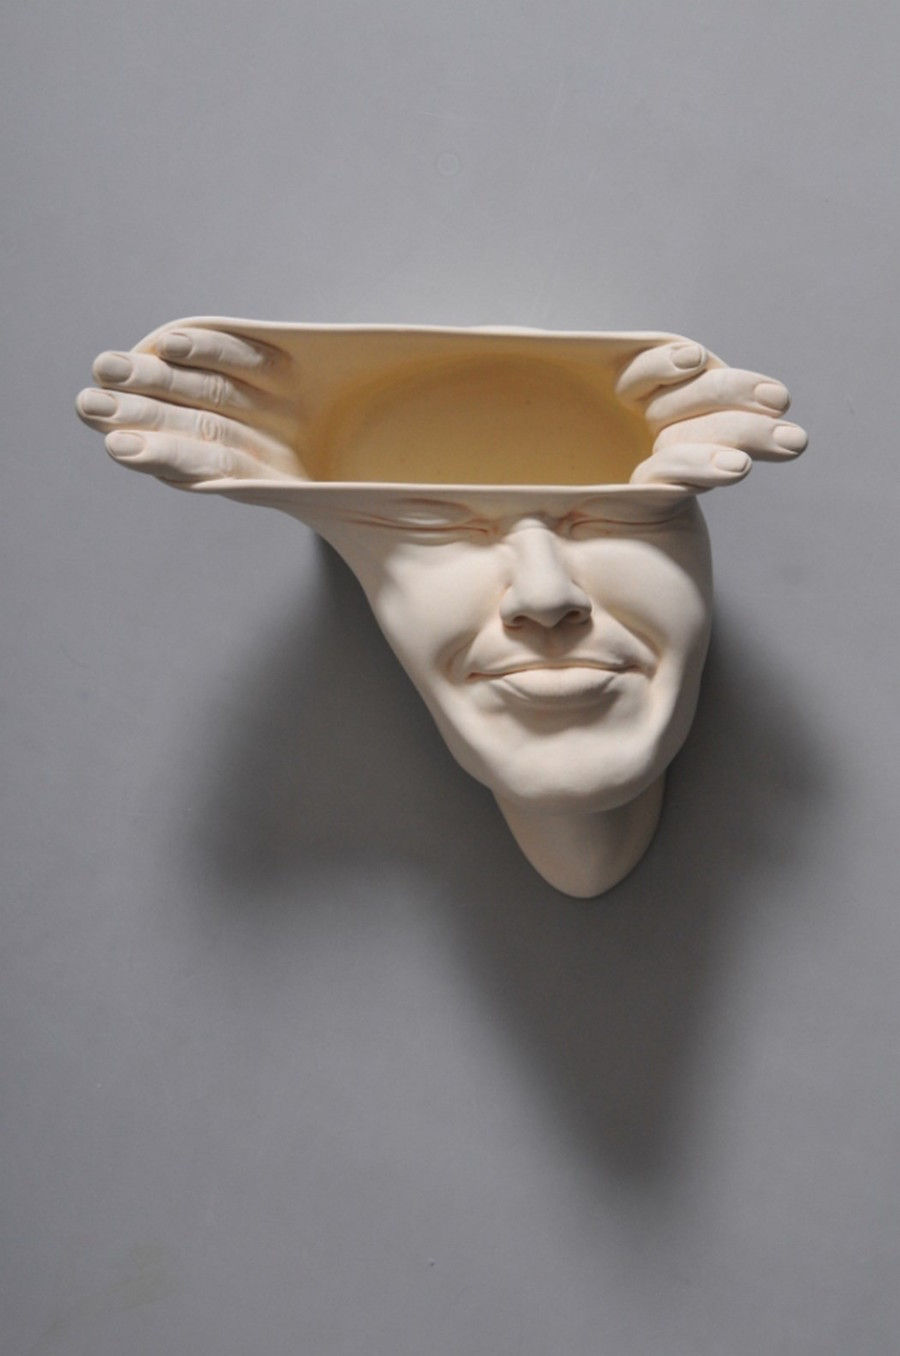 Minti deschise: Sculpturi suprarealiste din portelan - Poza 5